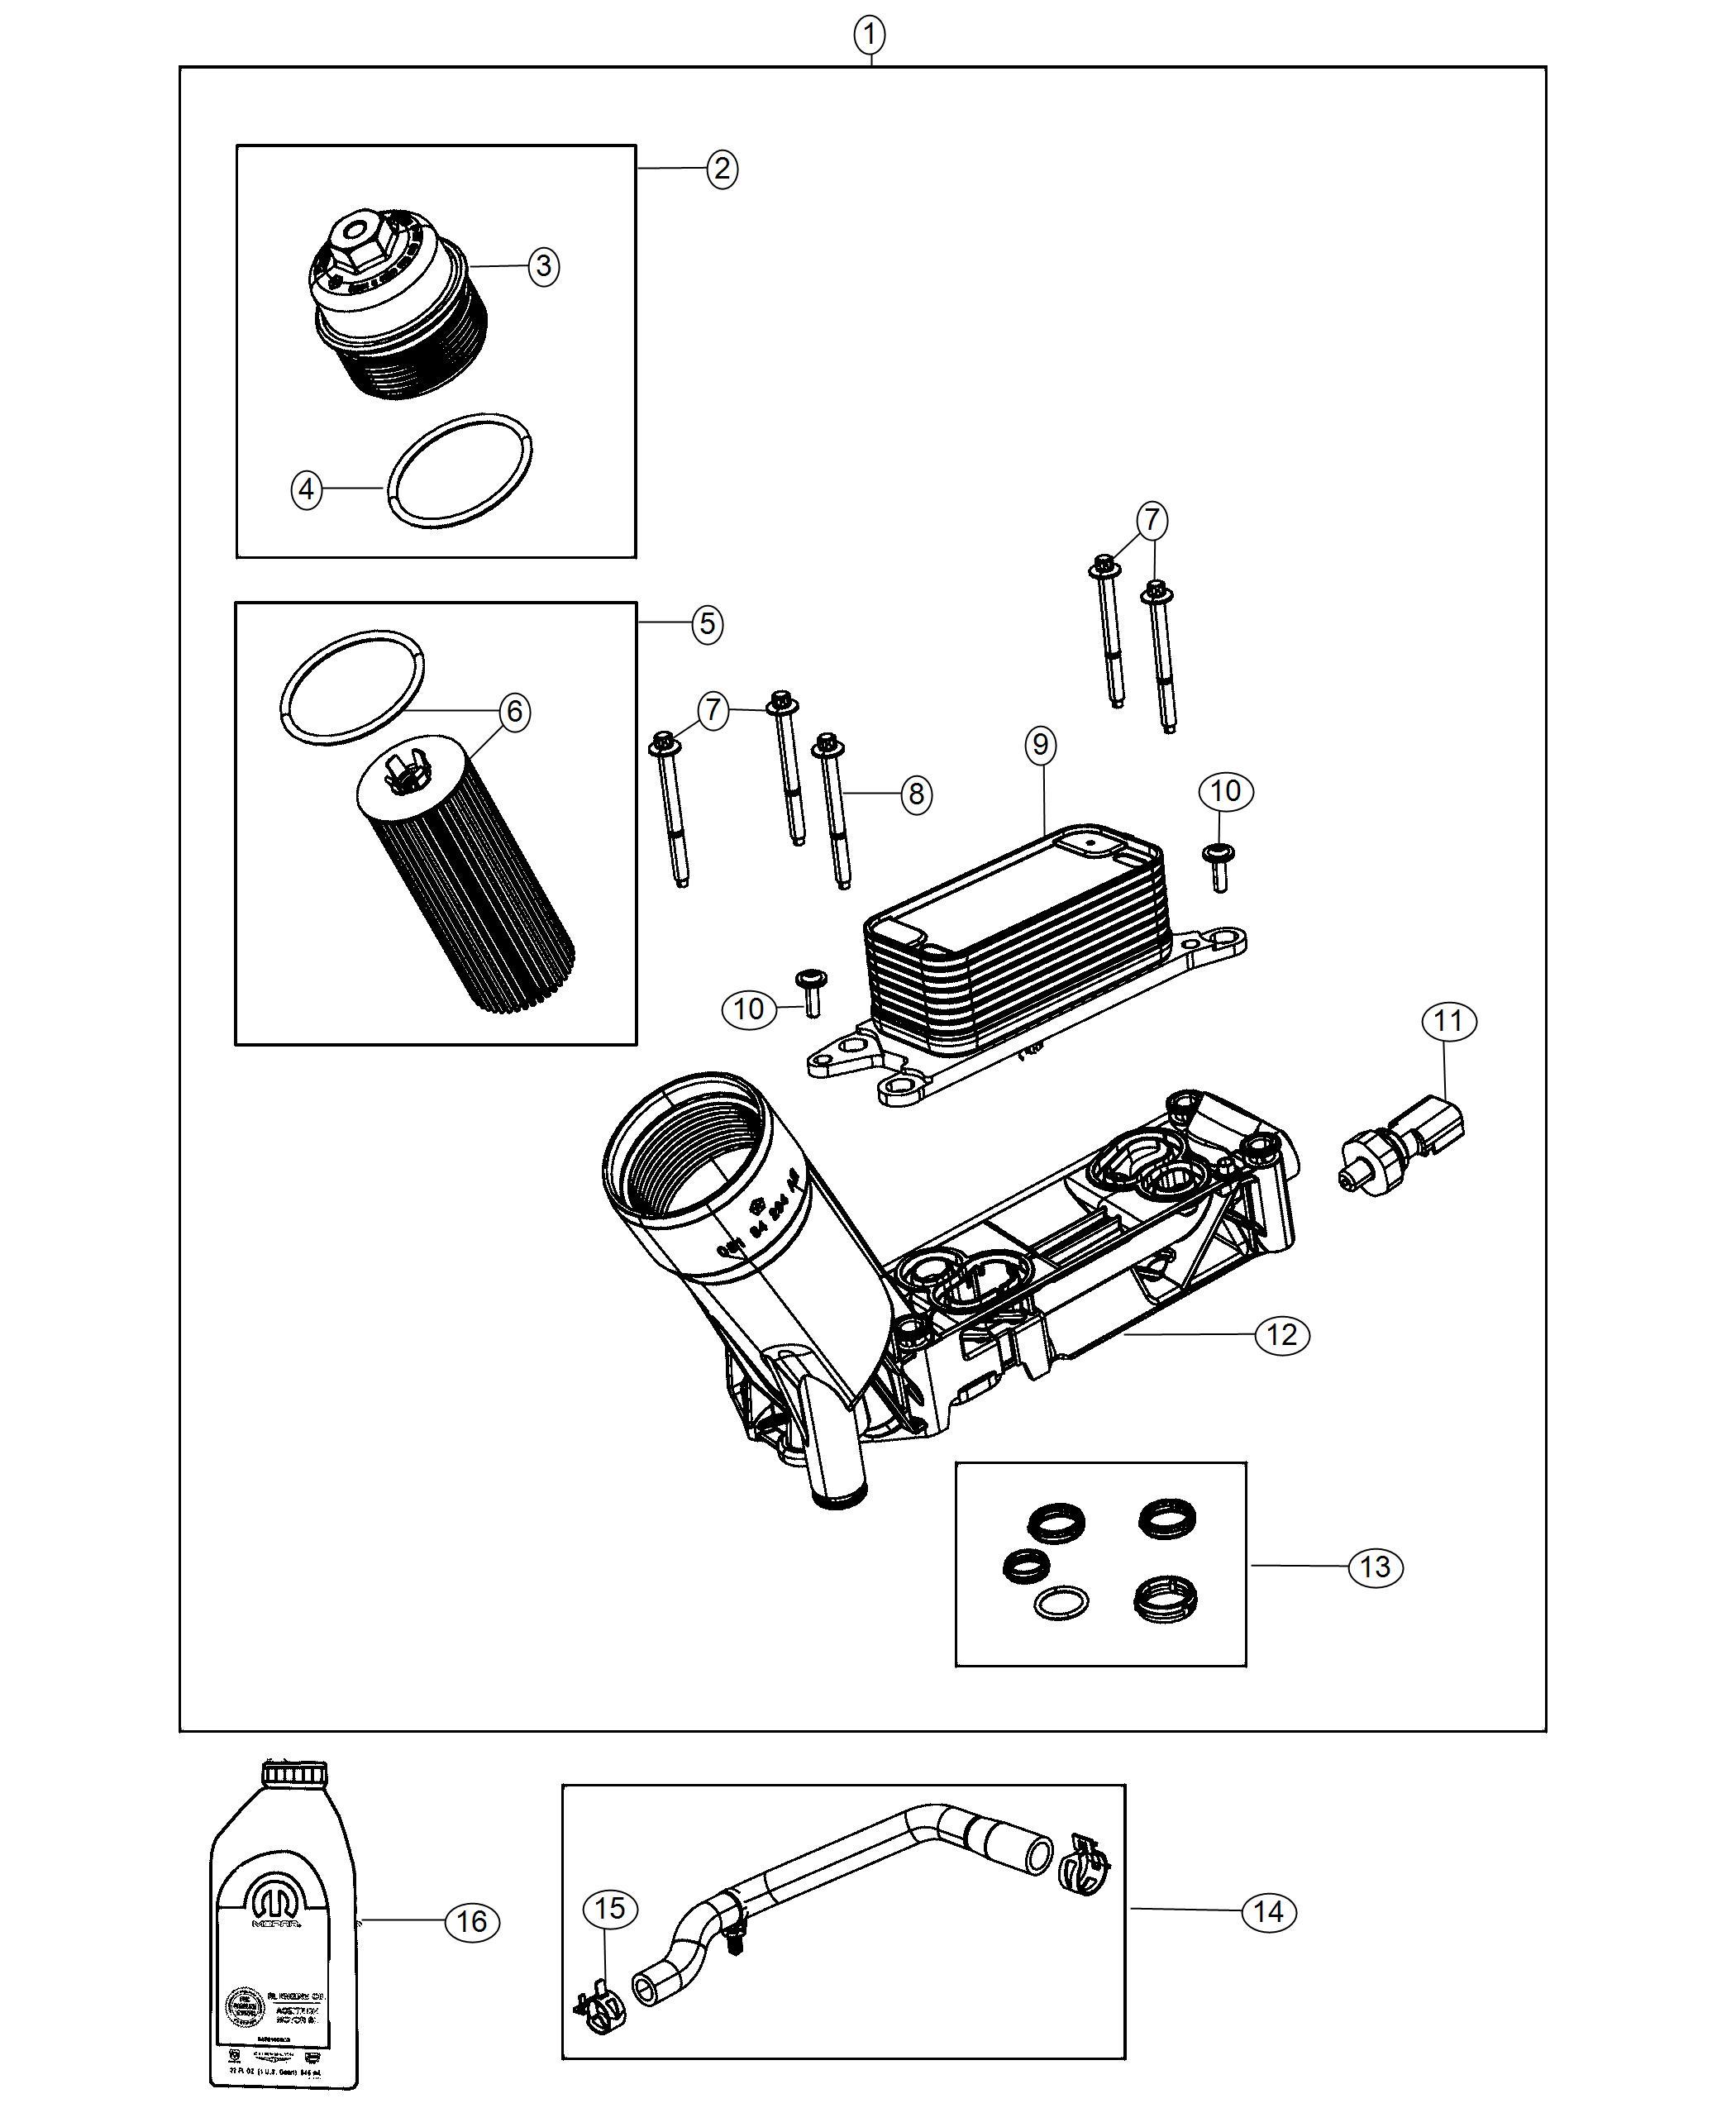 Dodge Durango Sensor Oil Pressure Temperature Pressure